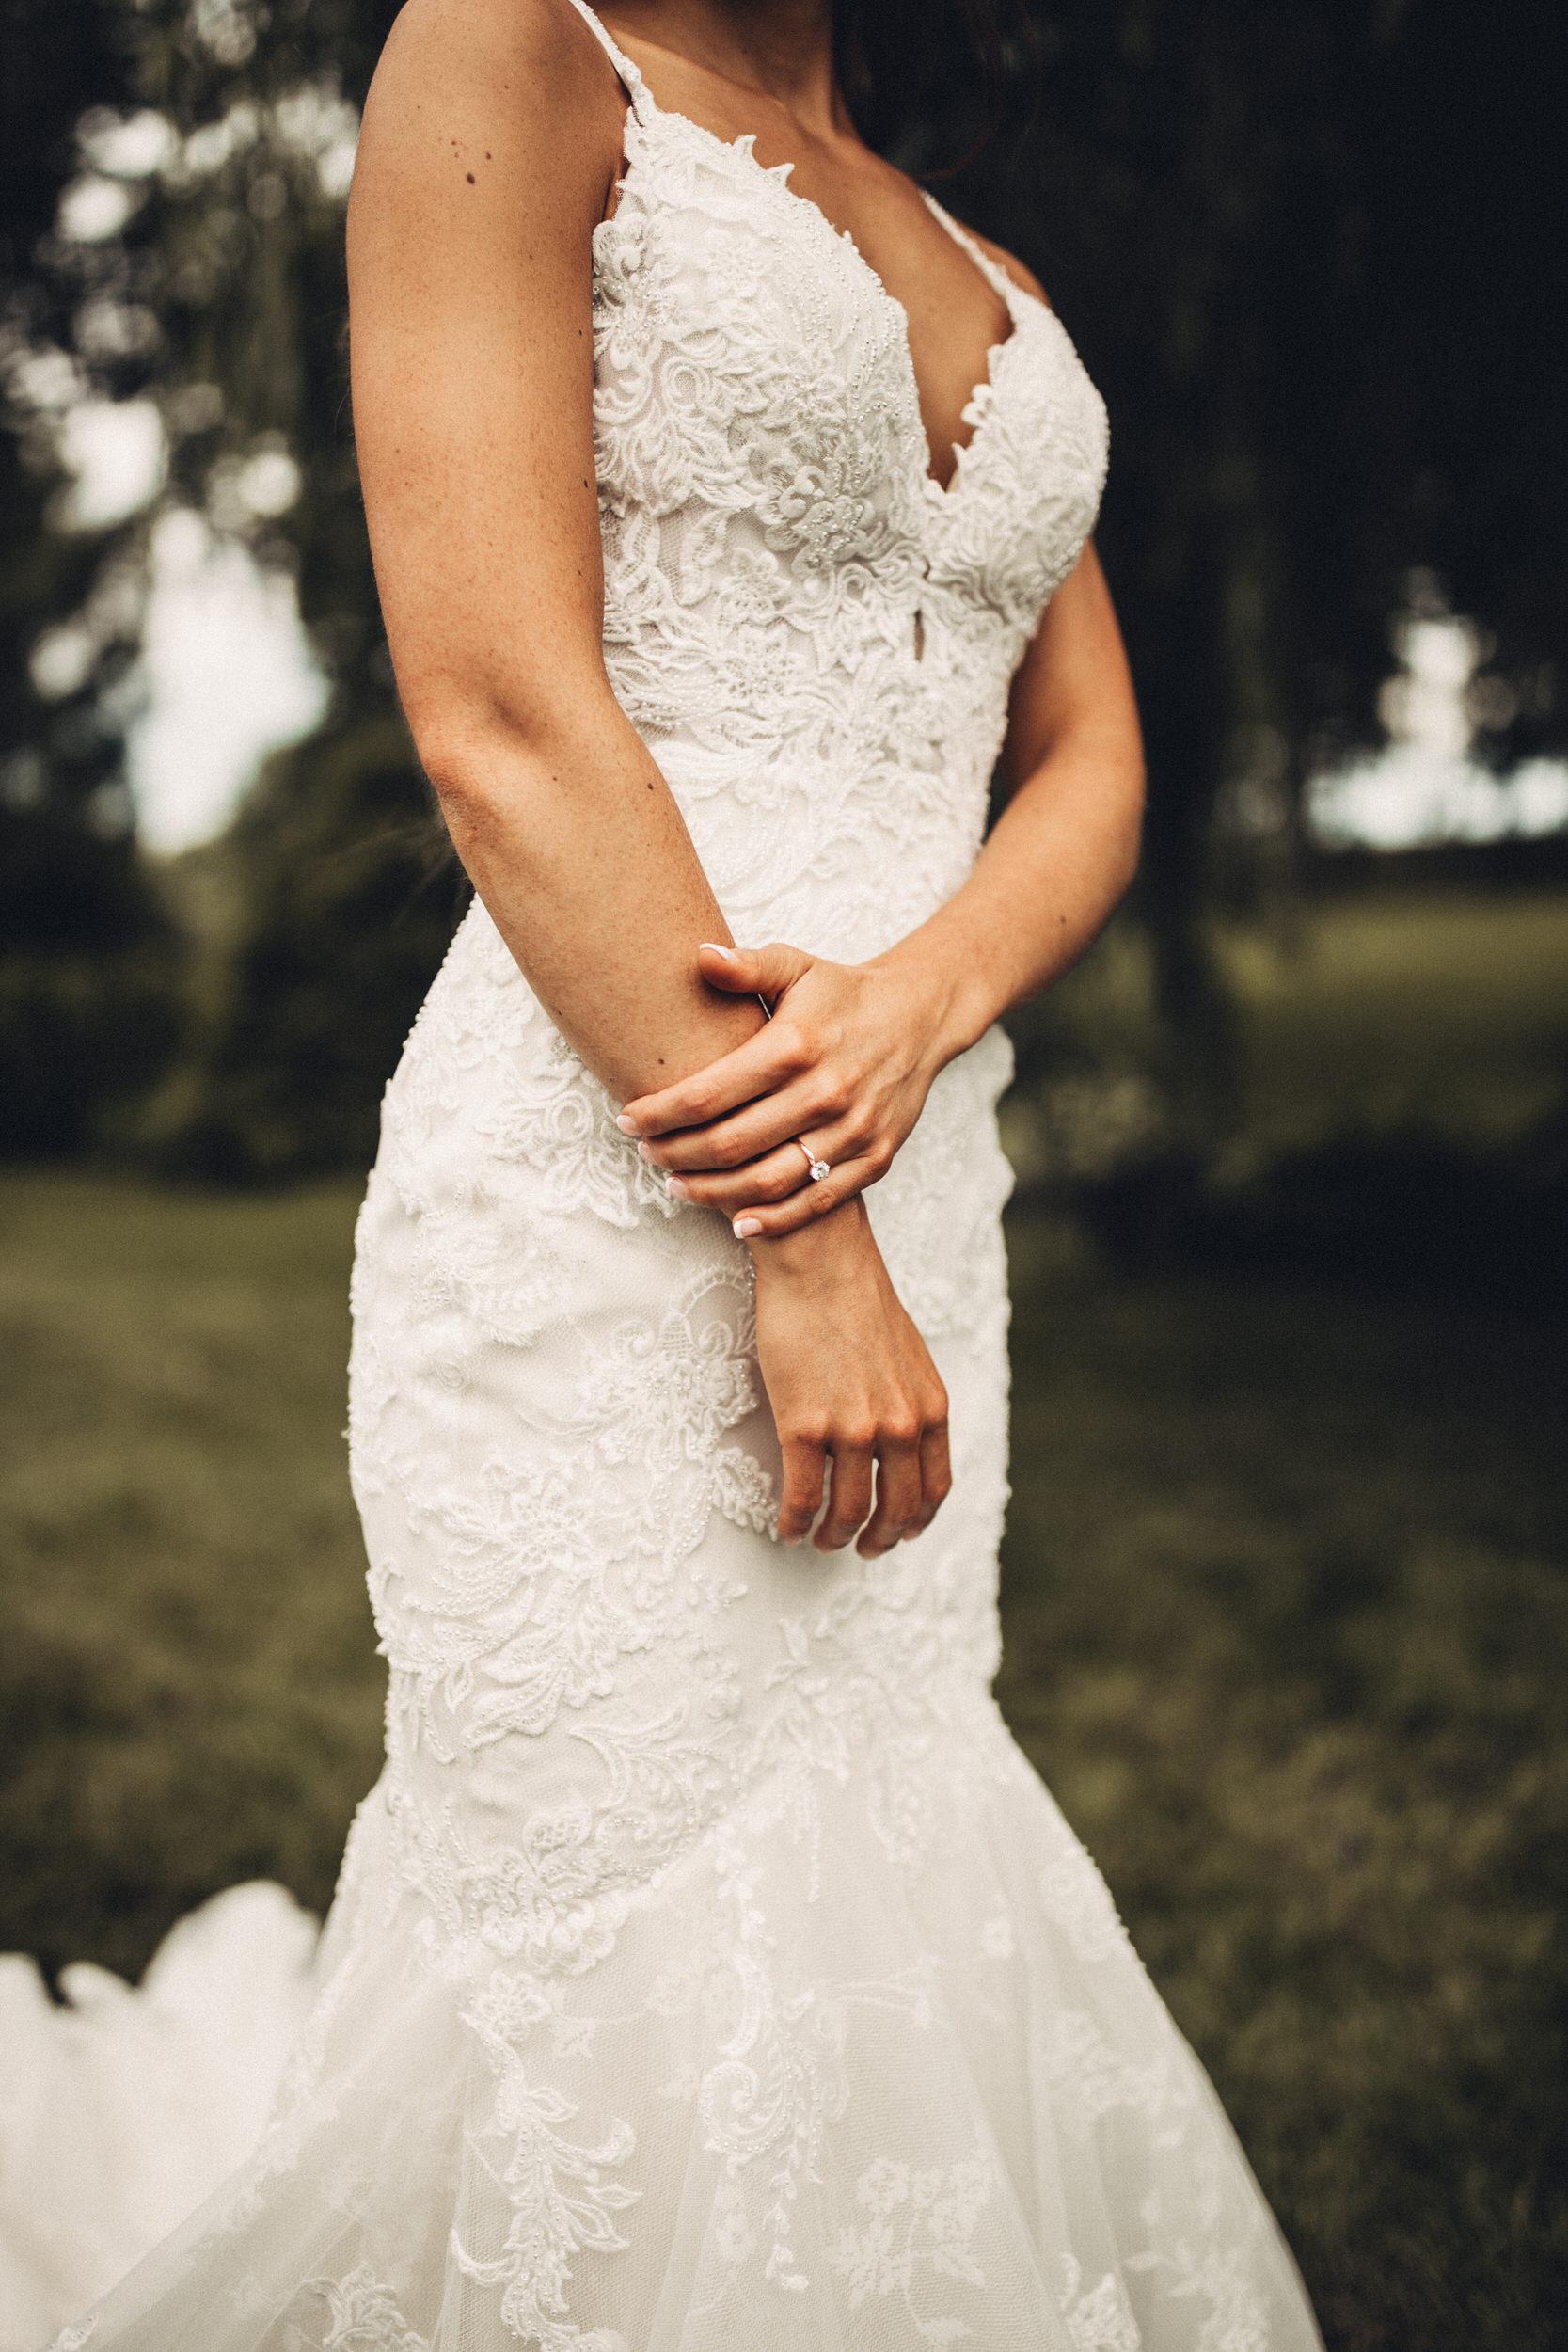 Editorial_Ohio_Farmhouse_Wedding_35.JPG